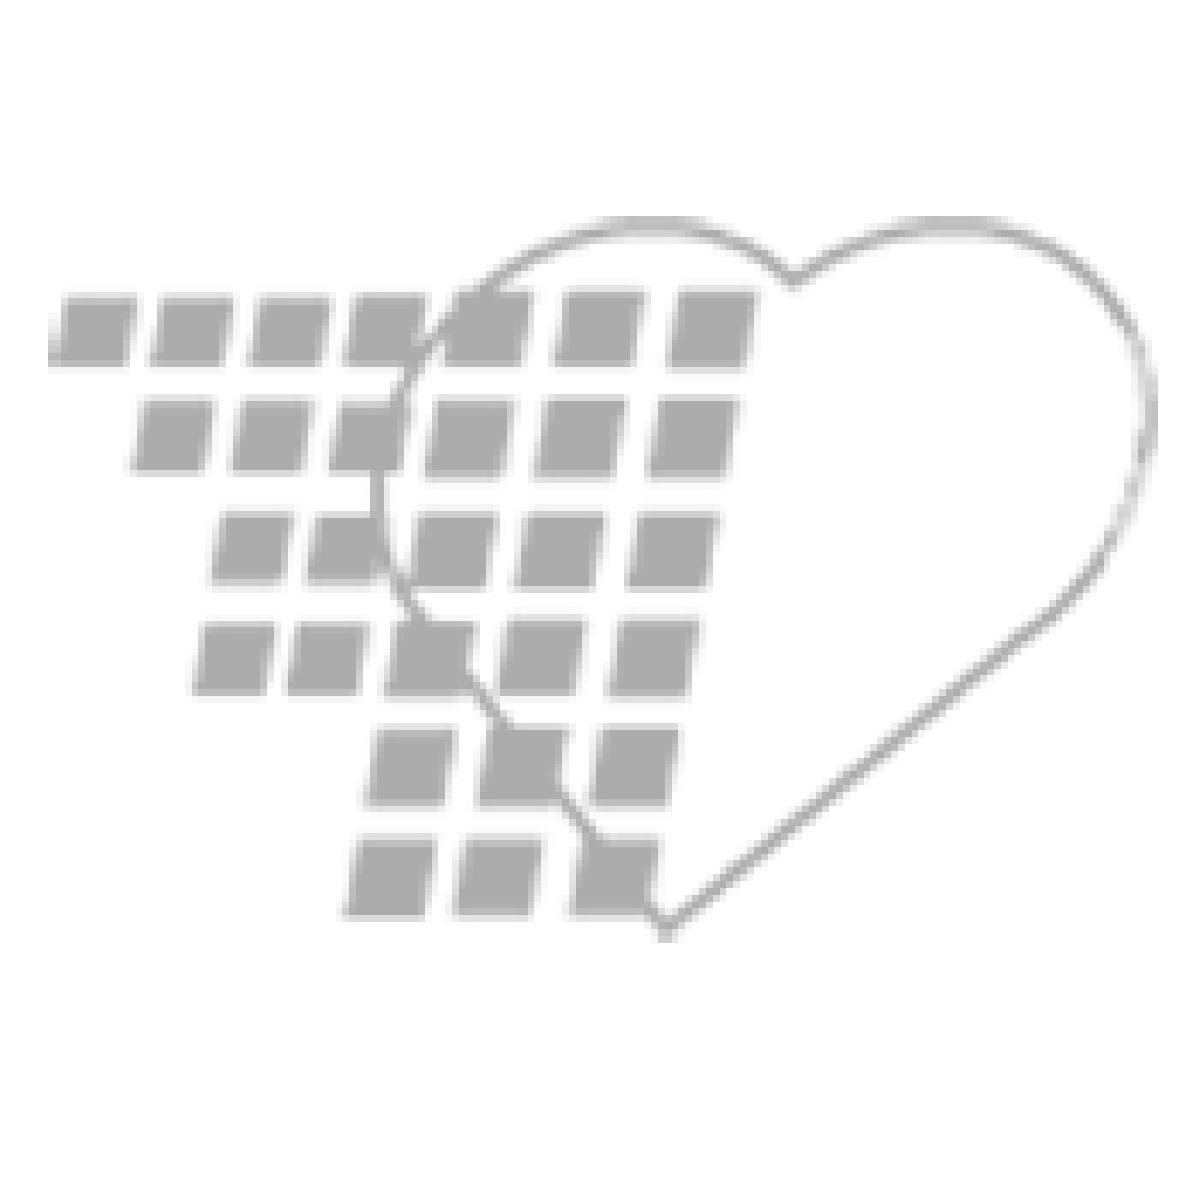 02-24-0121 - Pocket Nurse® Progra-Temp® Simulated Thermometer